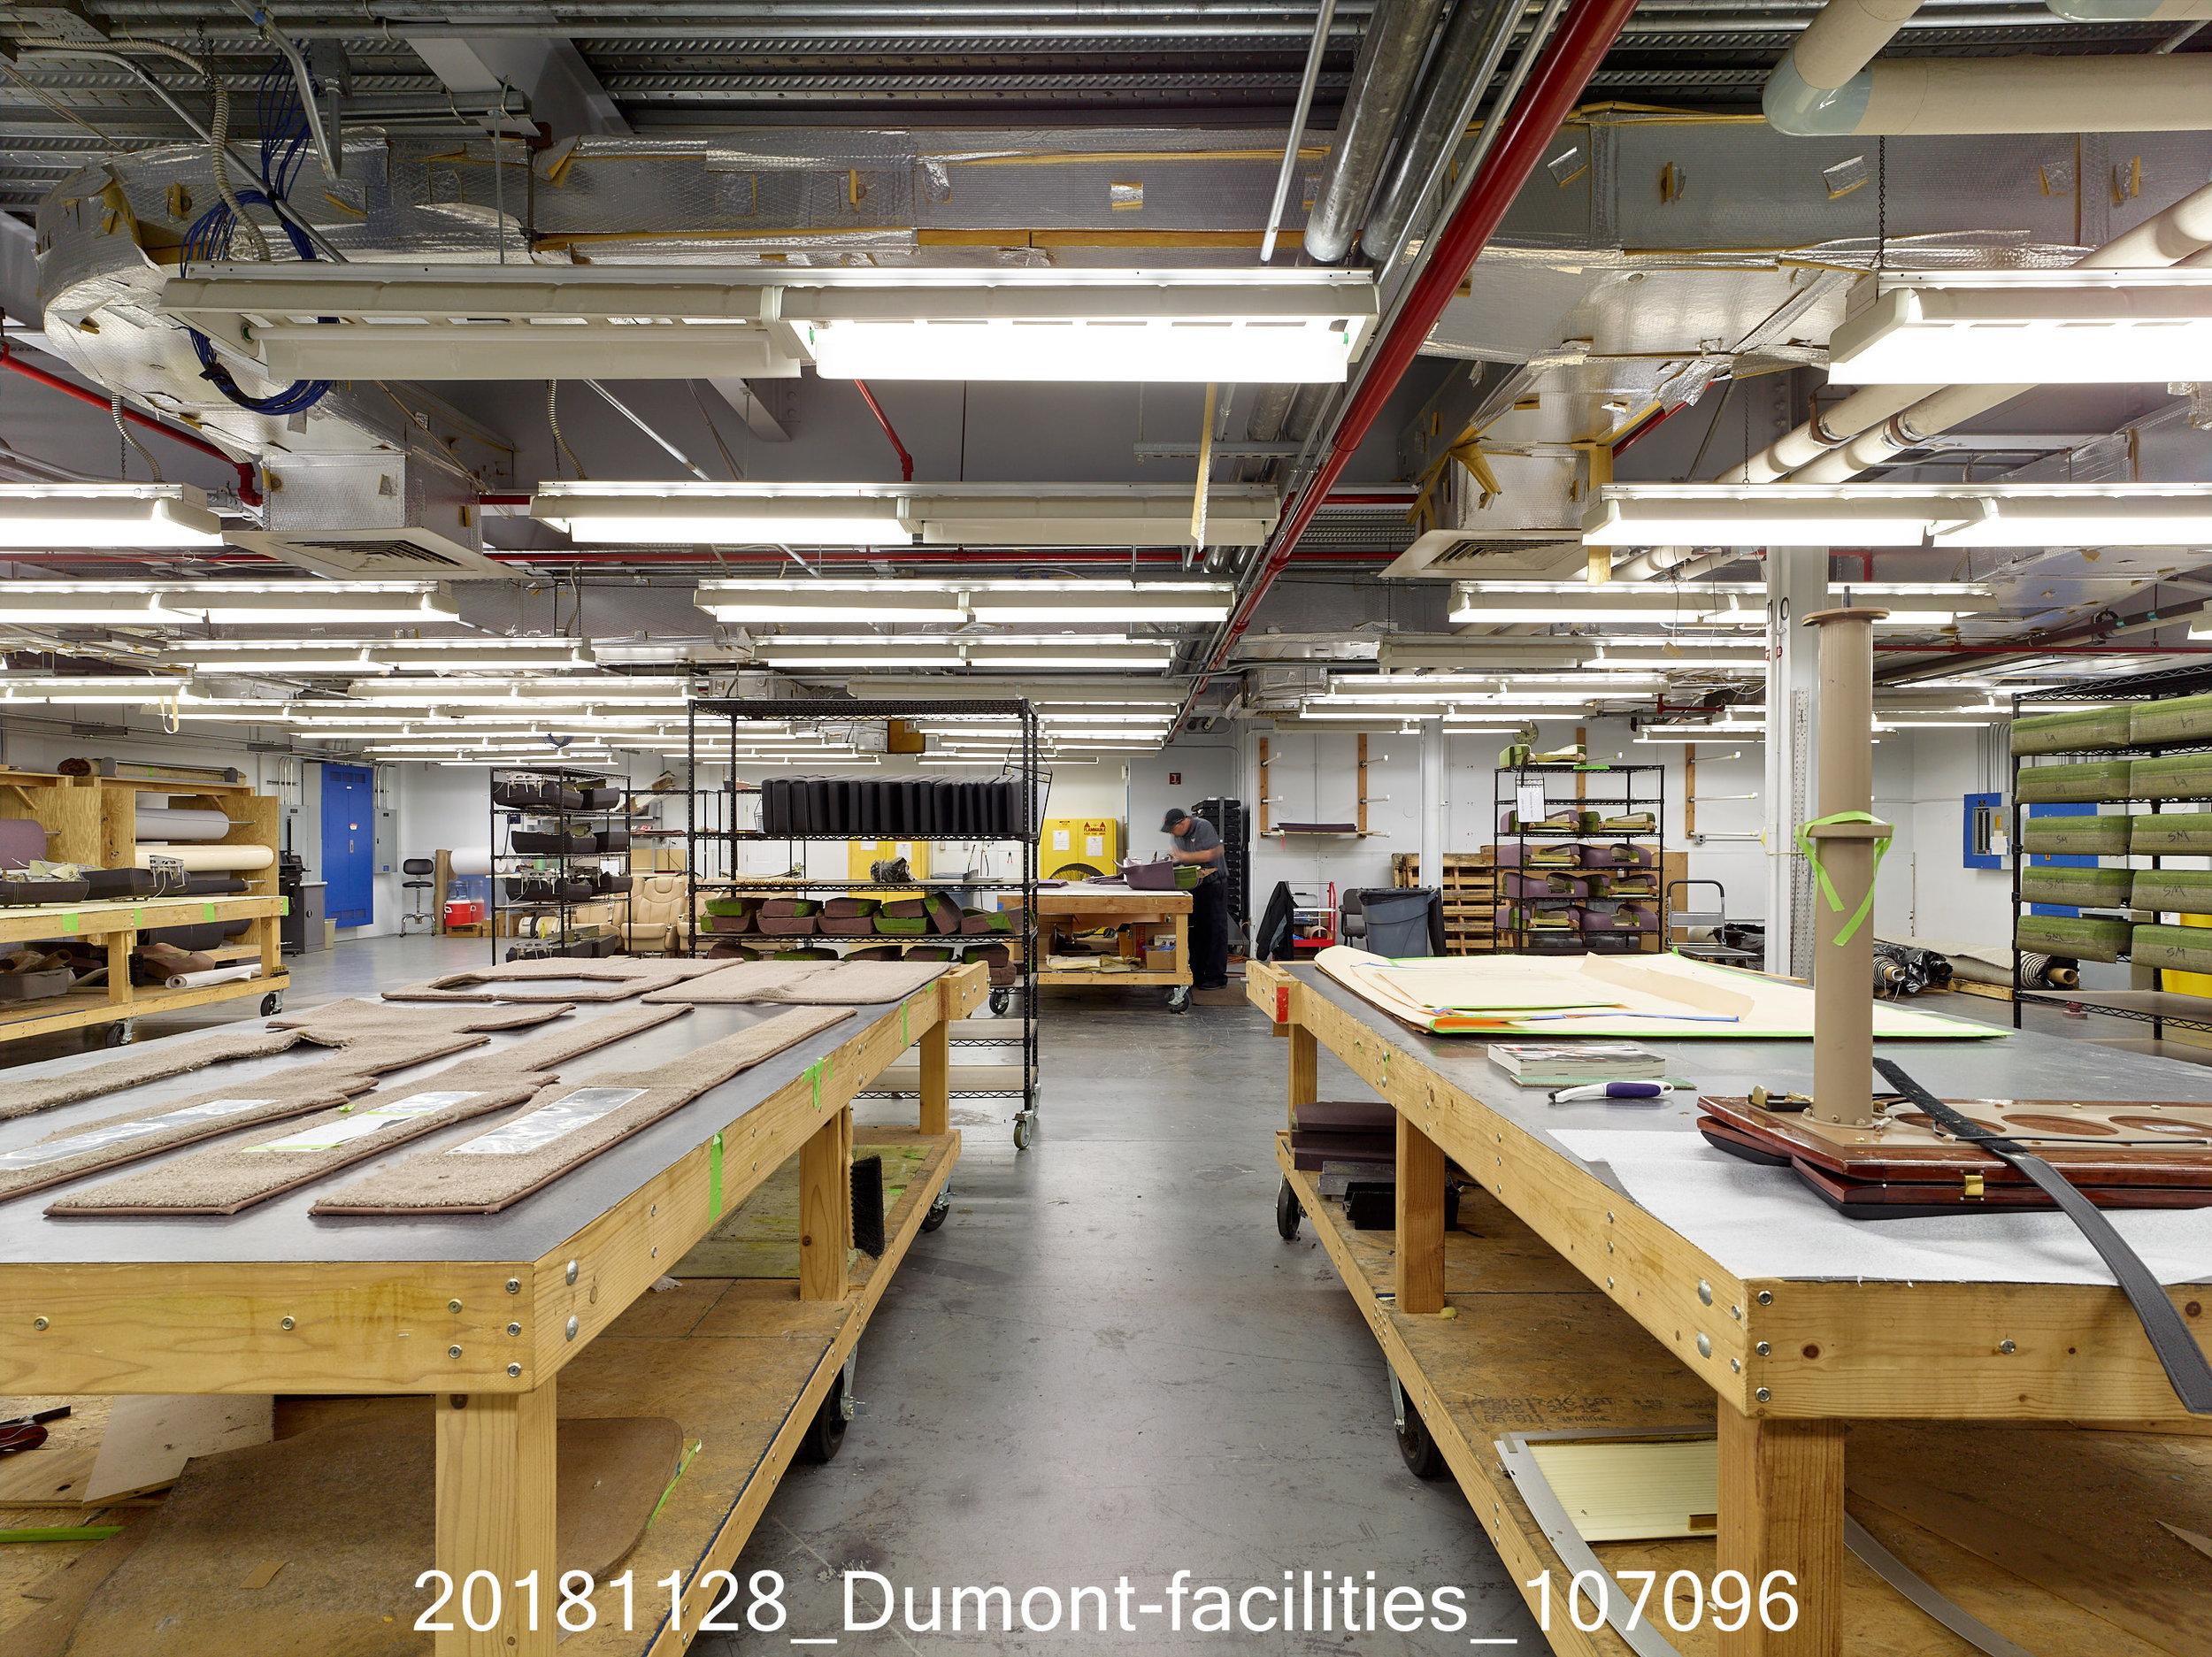 20181128_Dumont-facilities_107096.jpg